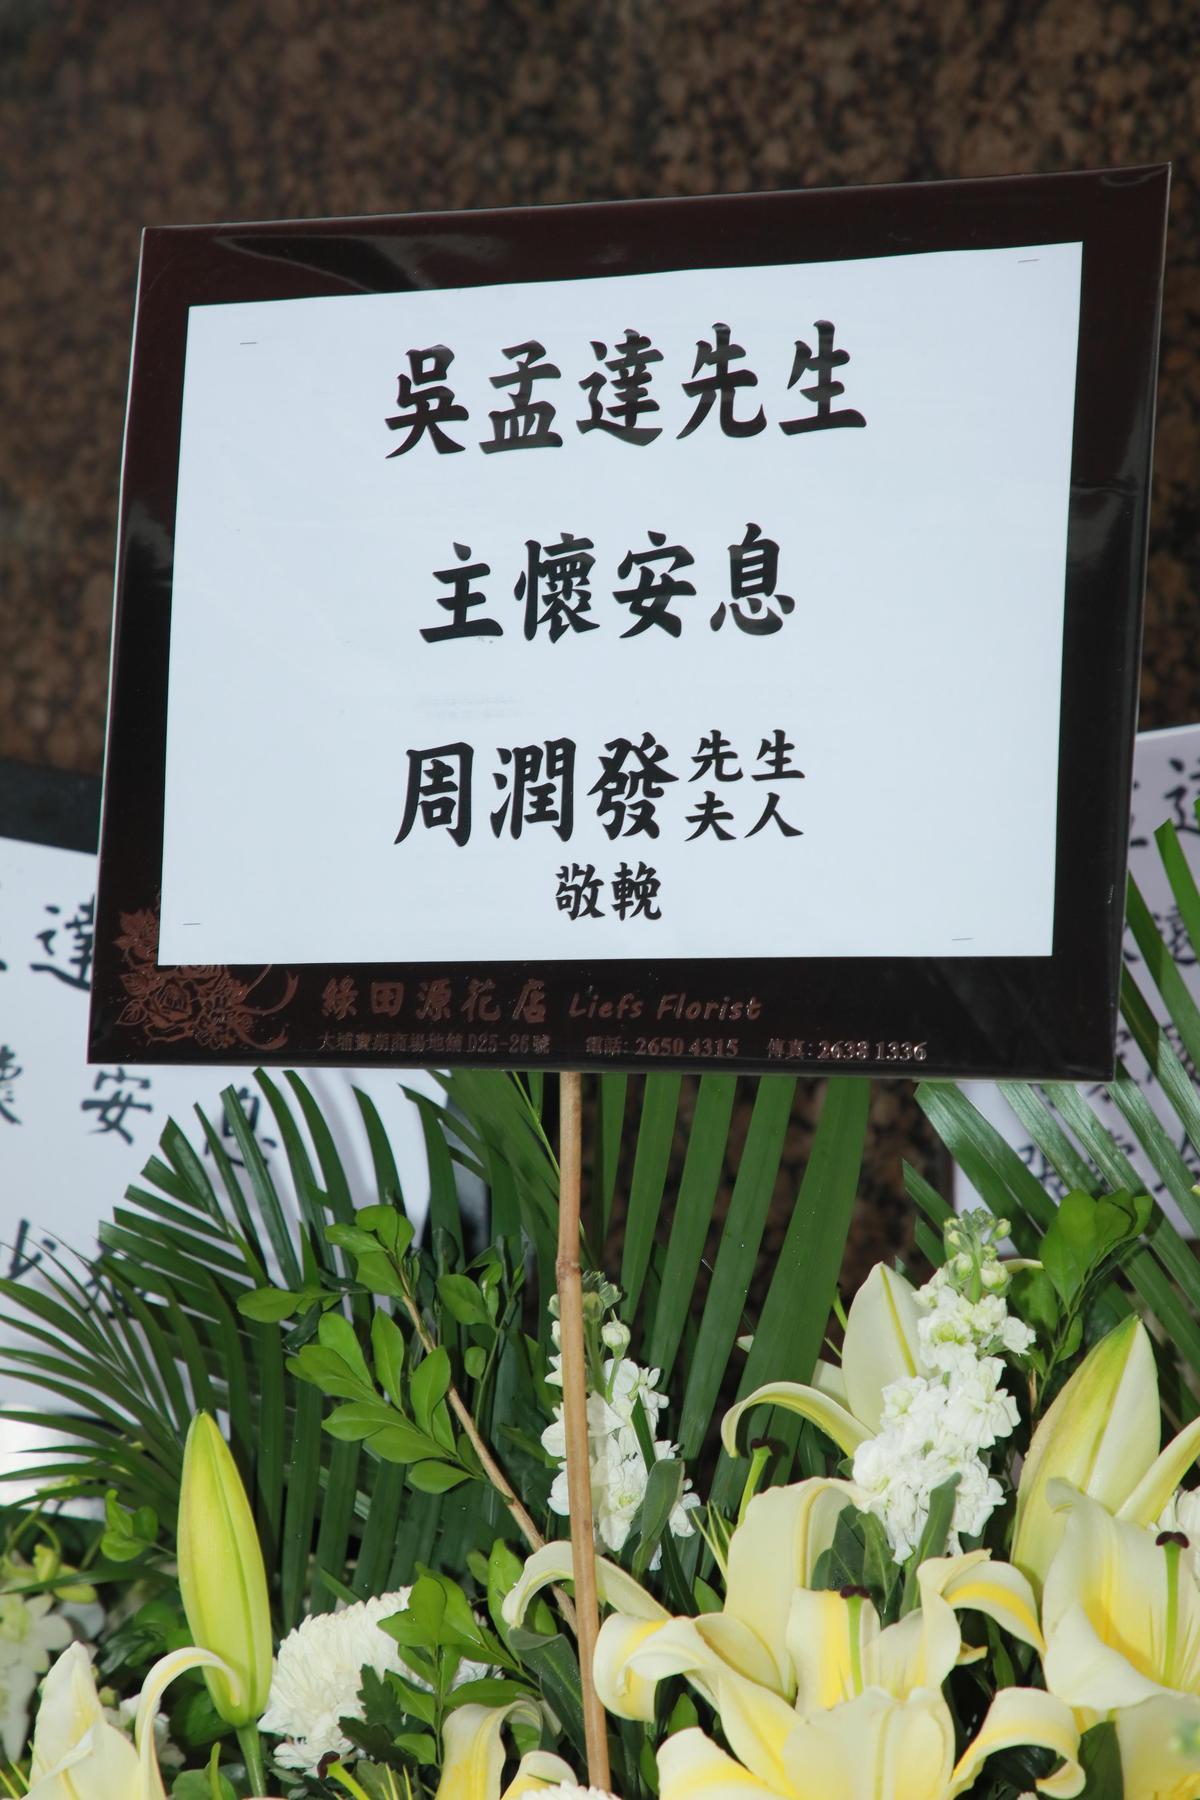 吳孟達生前人緣極佳,香港演藝圈的大咖們如周潤發等人都送上花籃弔唁。(東方IC)